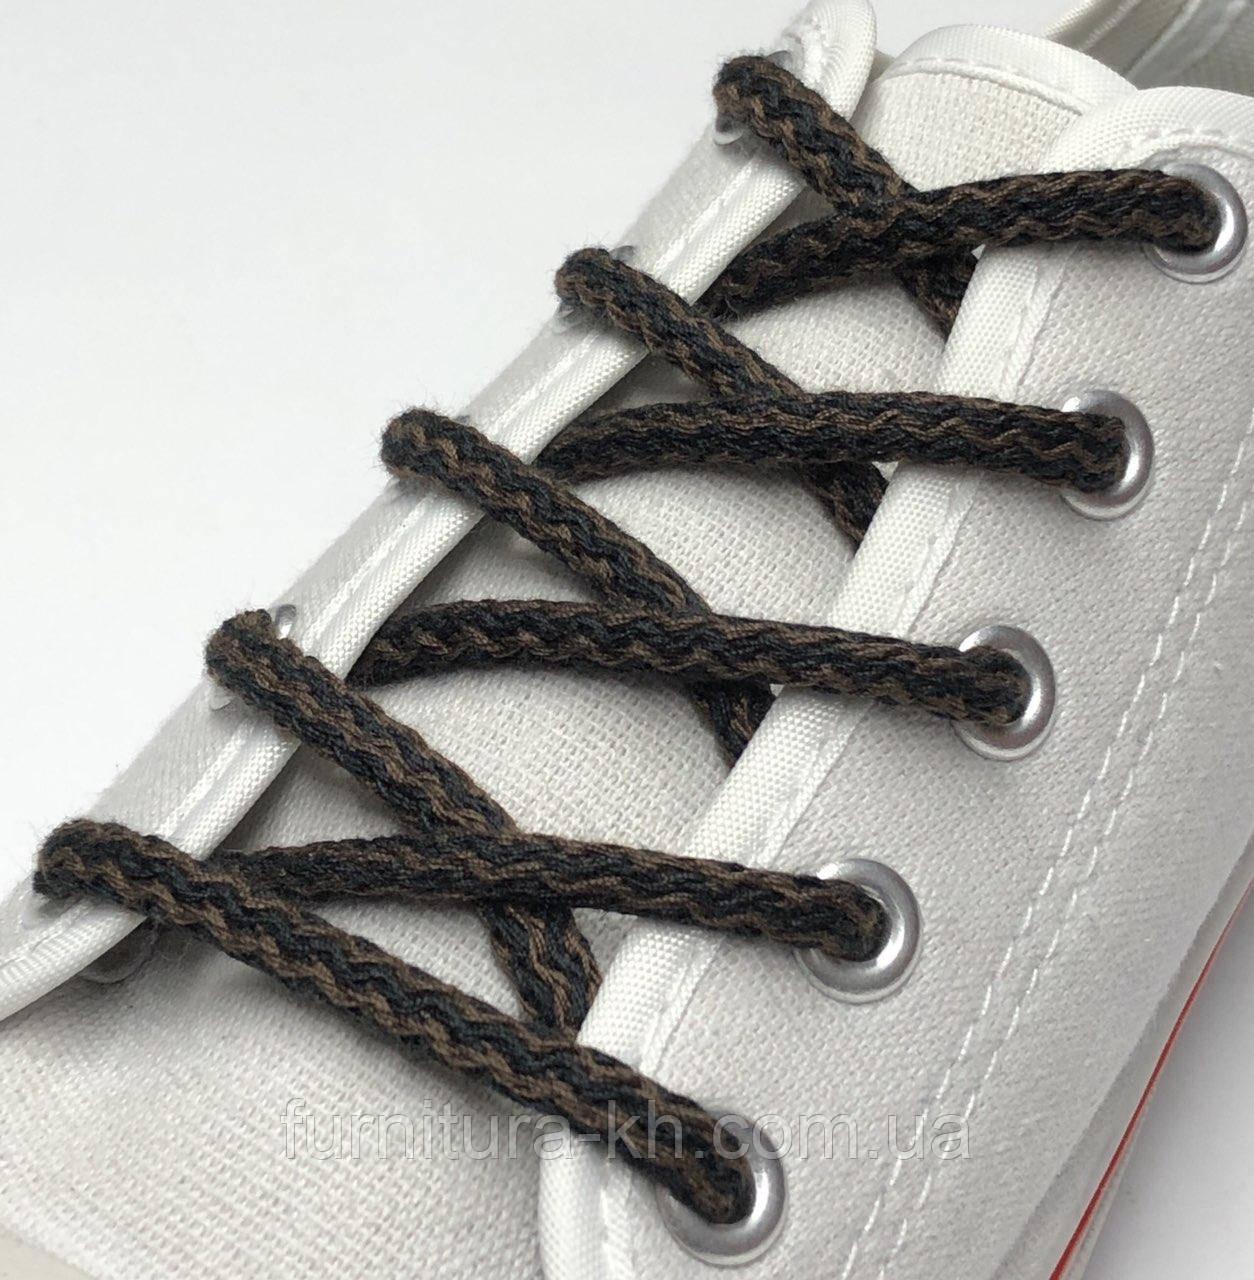 Шнурок Простой Круглый.Длинна 1 метр цвет Черно Коричневый (толщина 5 мм)